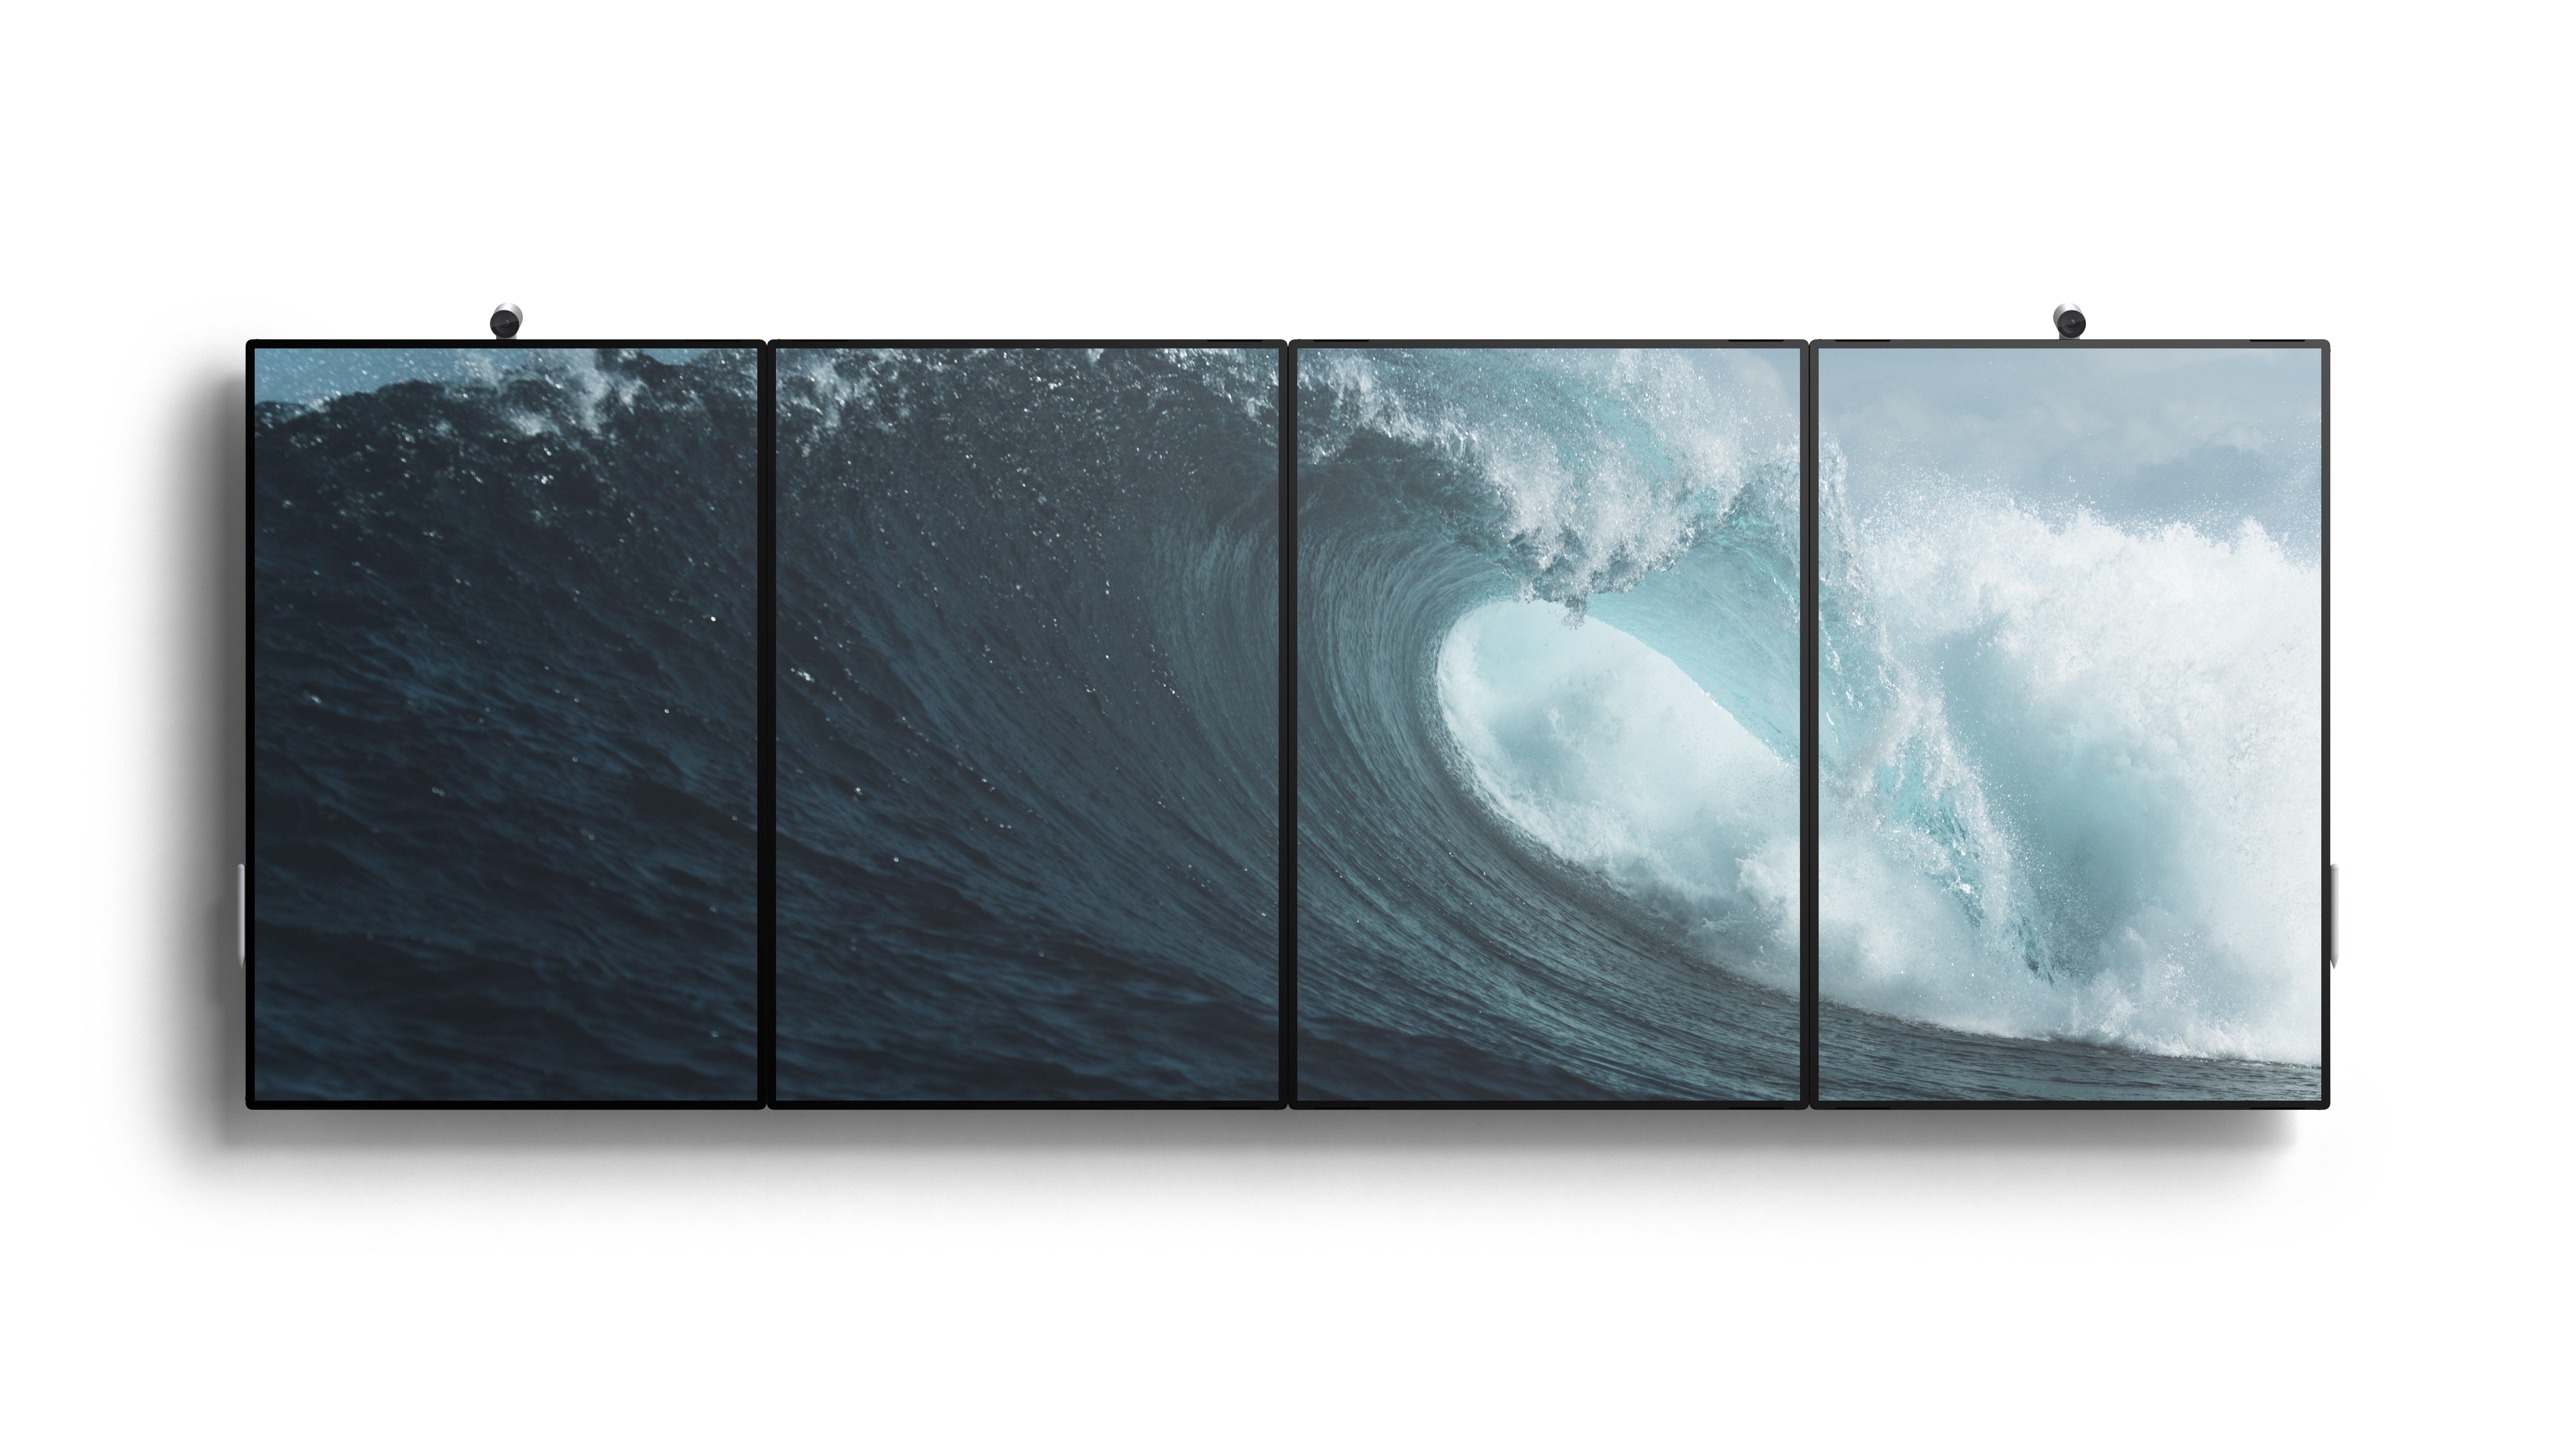 Microsoft annonce le lancement de Surface Hub 2 pour les entreprises